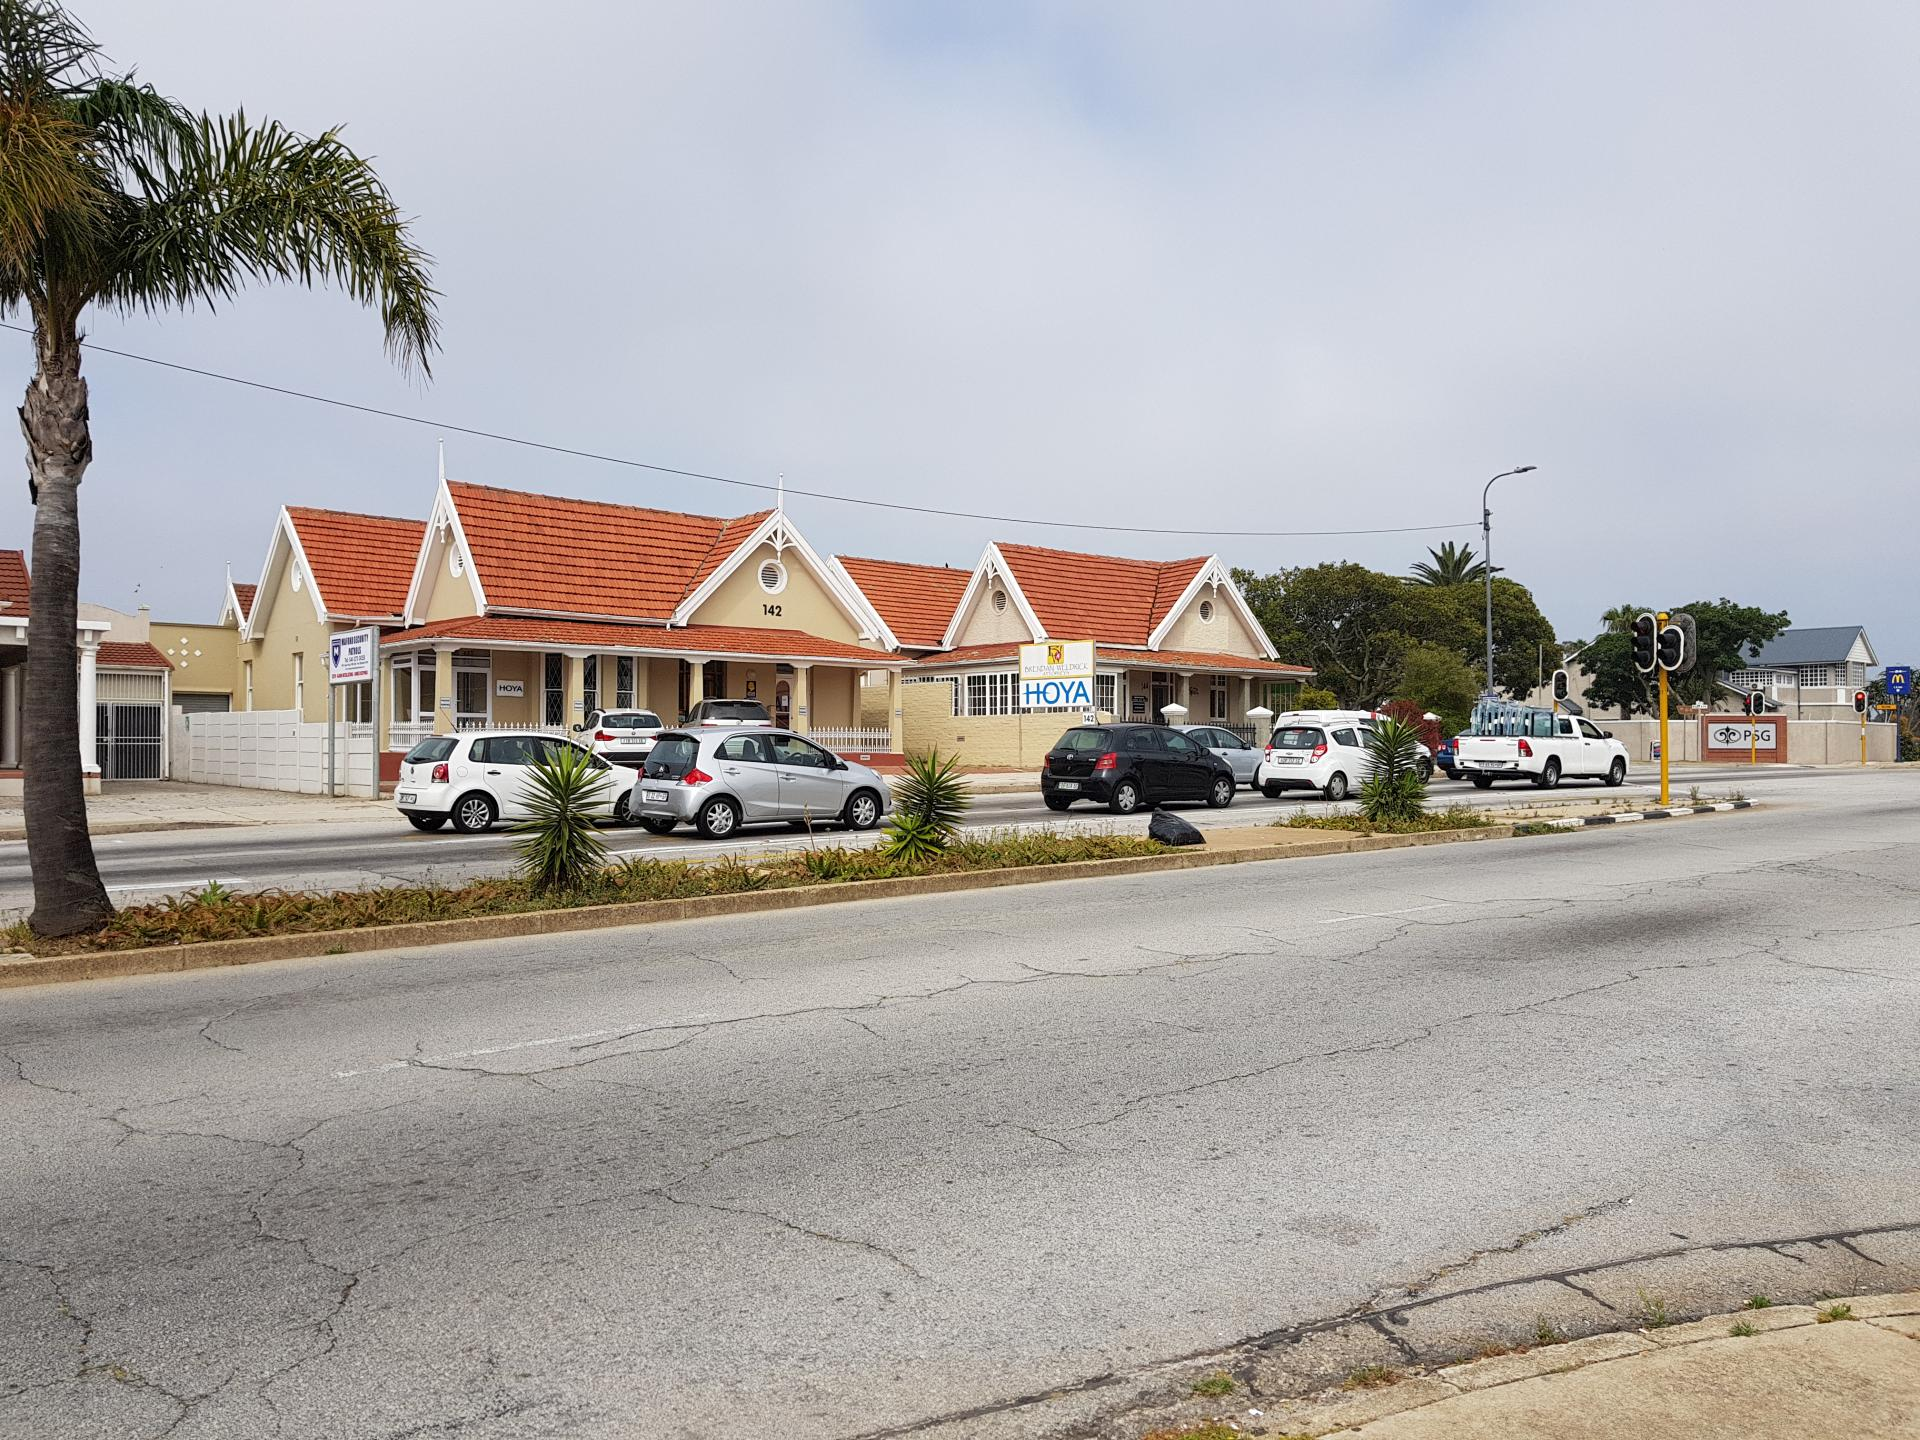 улицы Порт-Элизабет, ЮАР